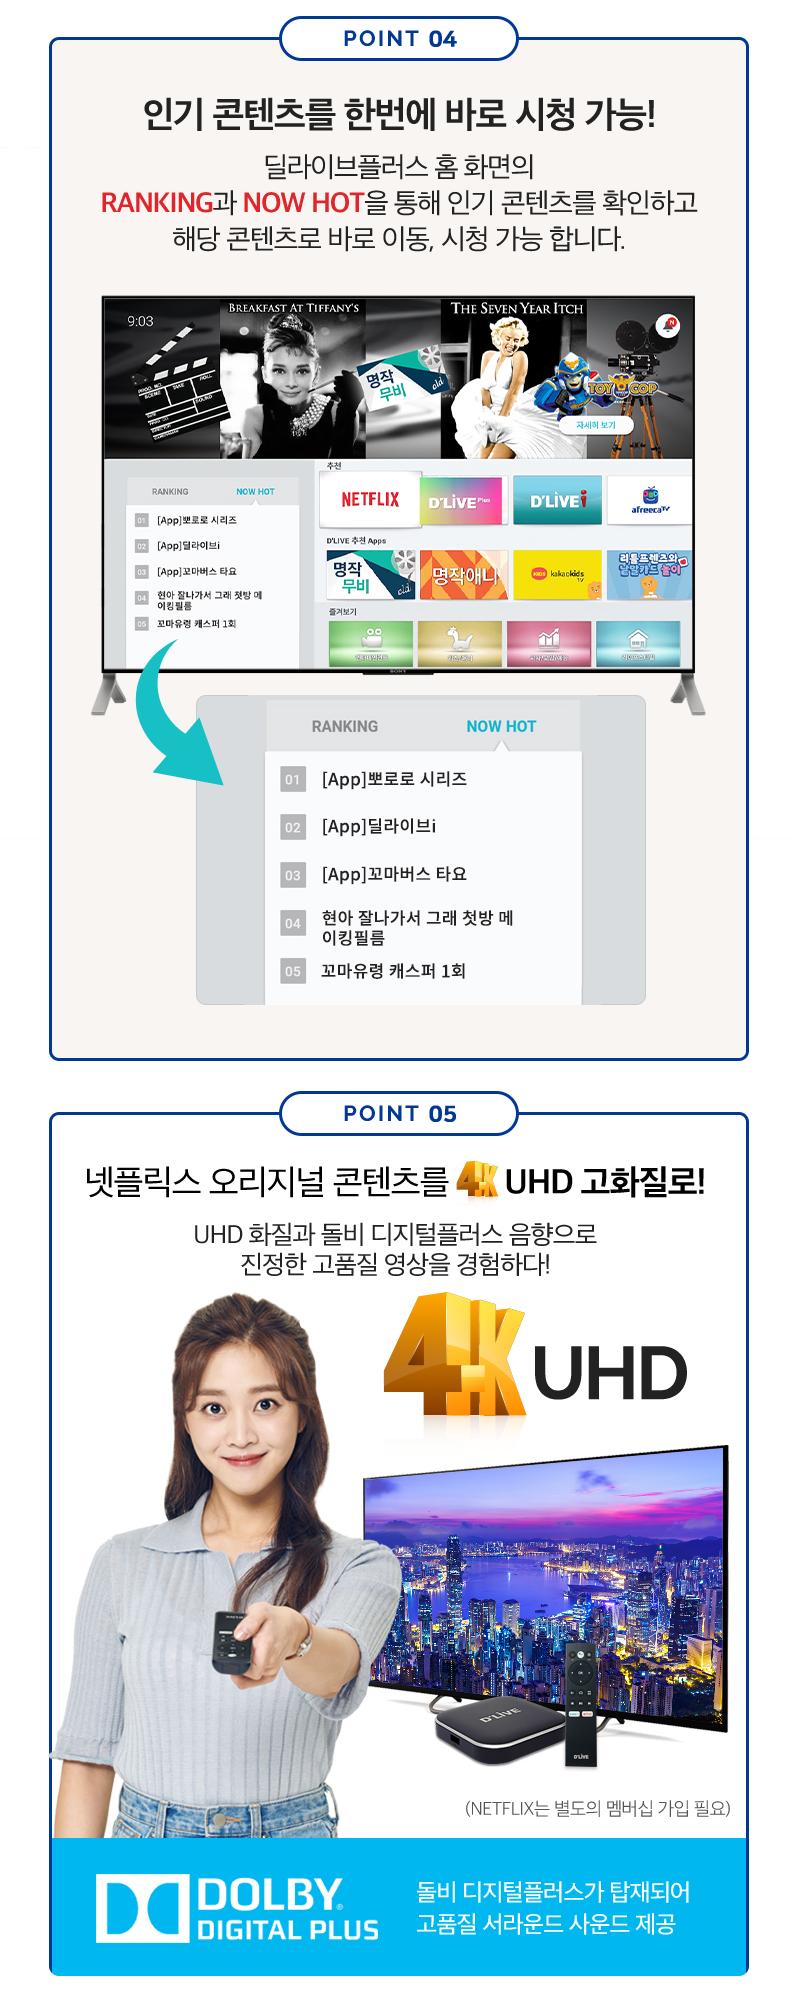 휴맥스 딜라이브 플러스 UHD OTT 셋톱박스 H5 (정품)